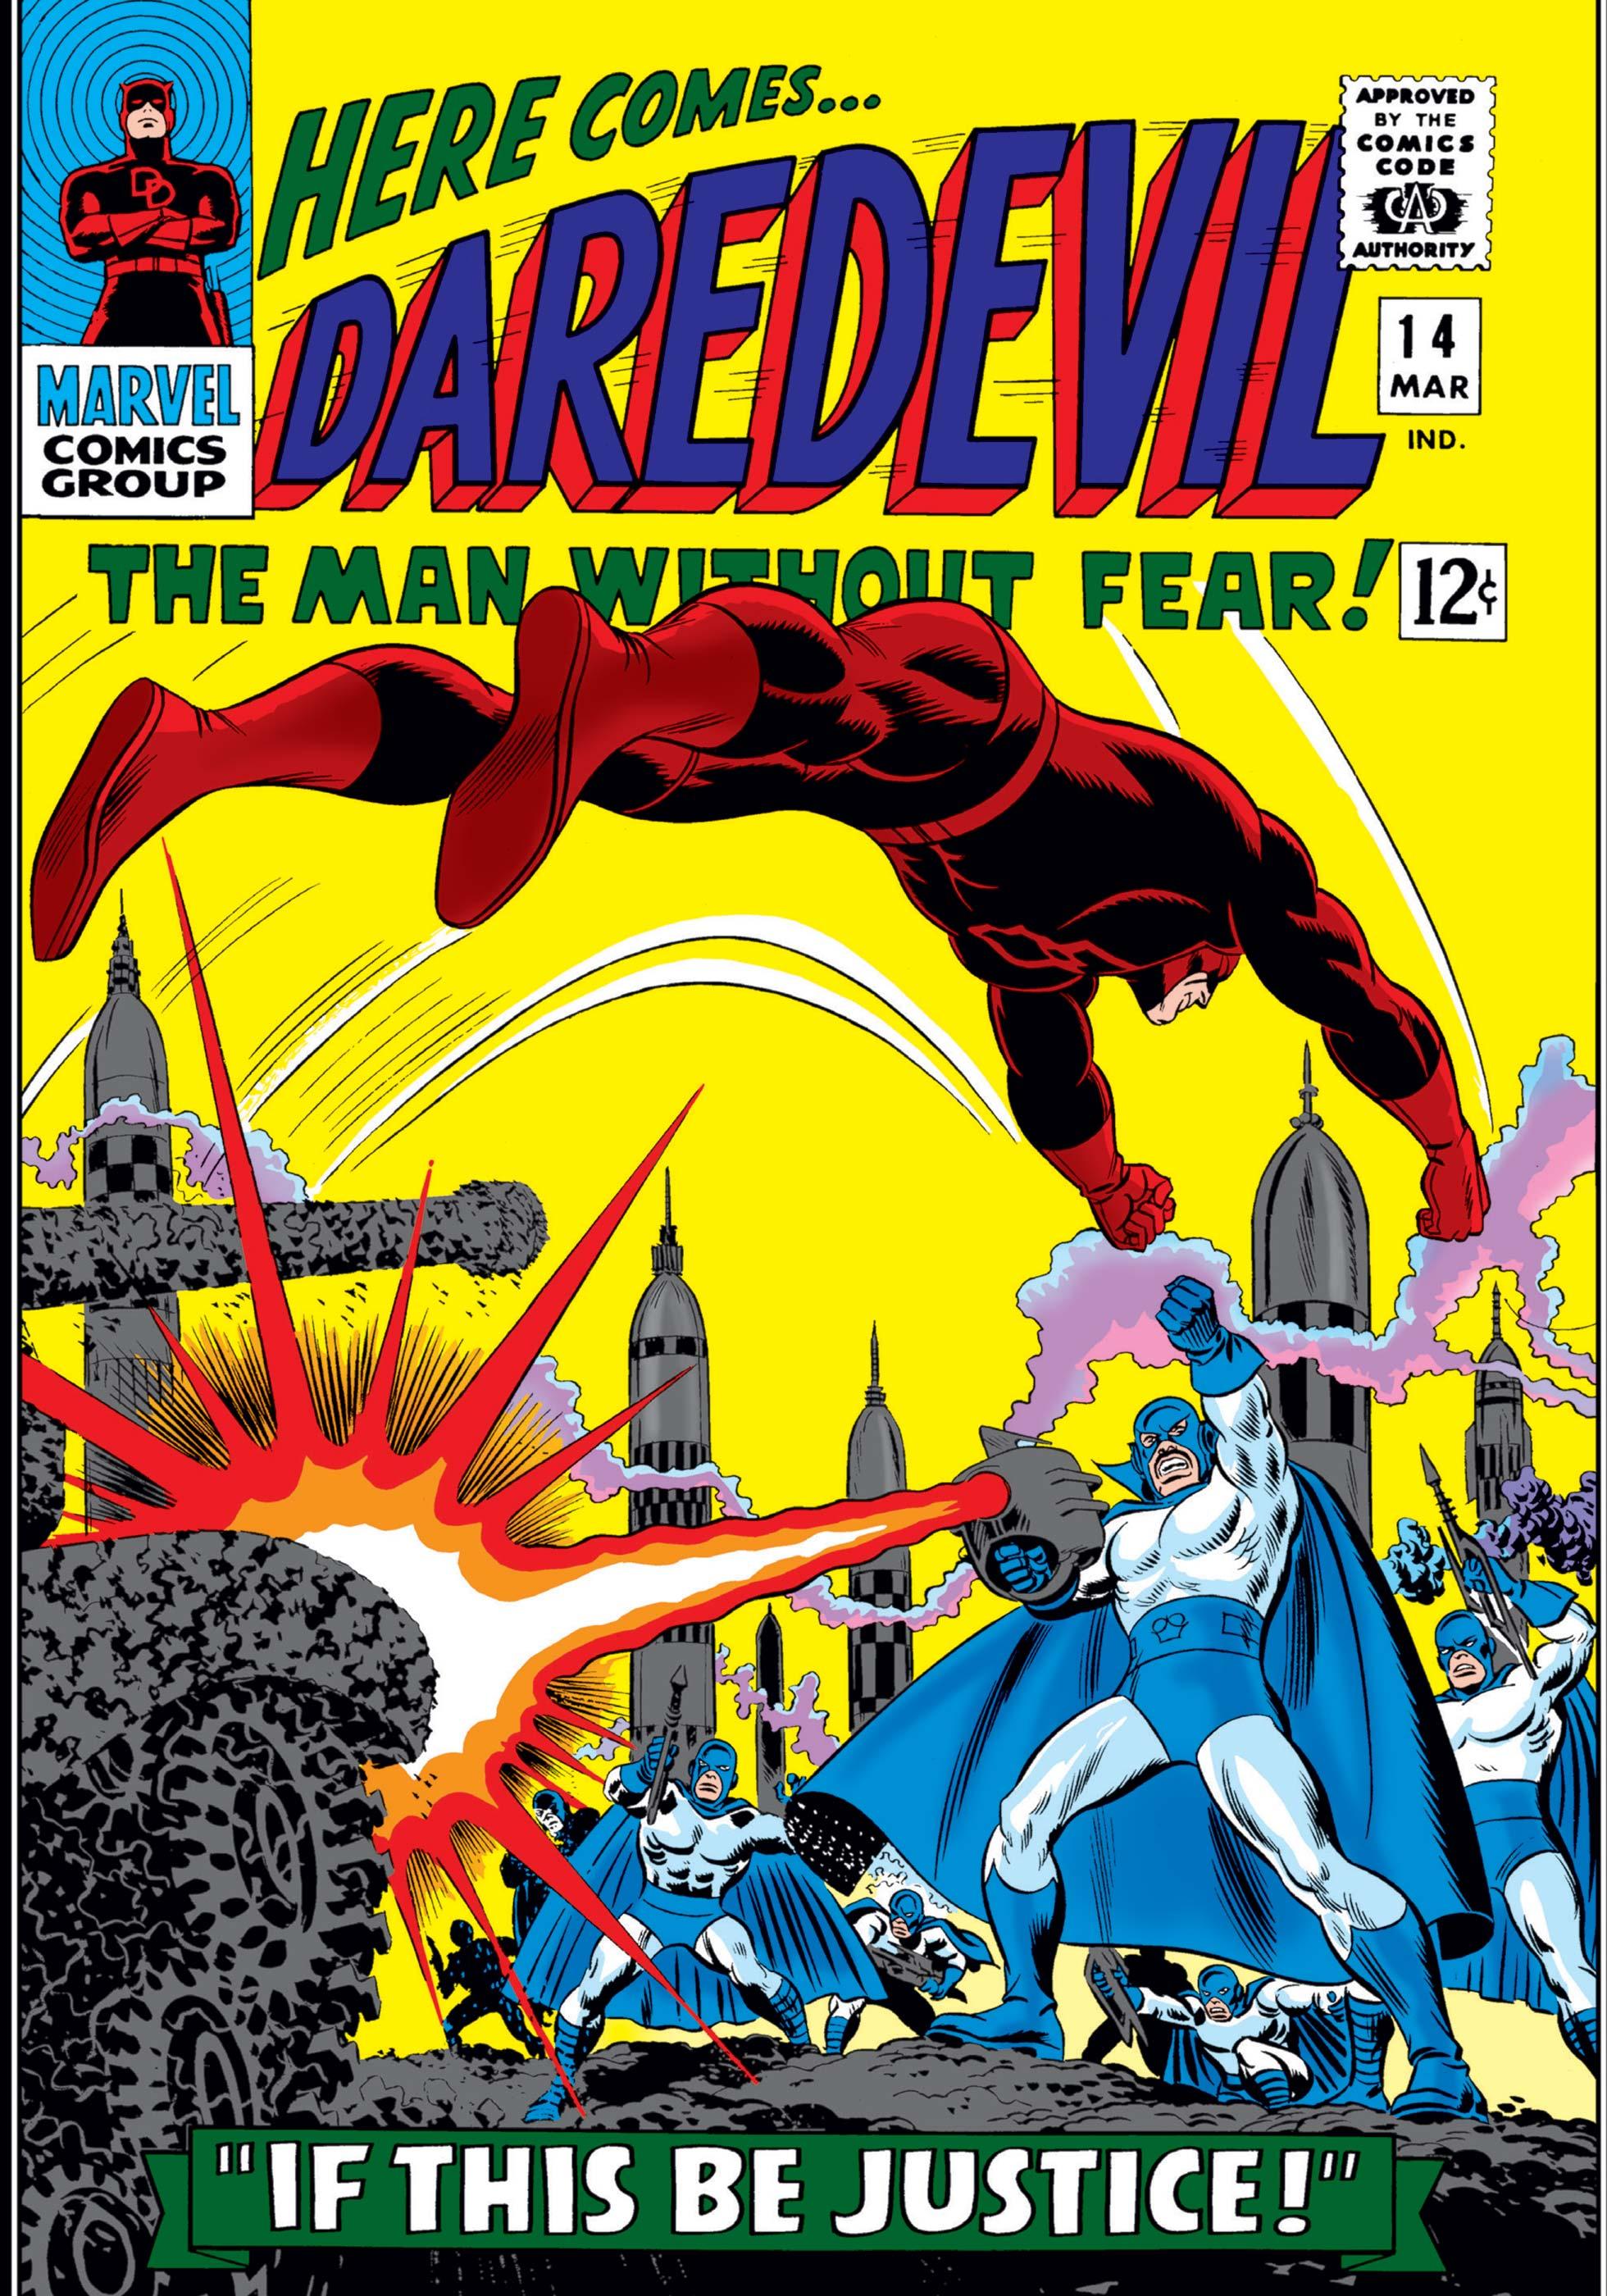 Daredevil (1964) #14